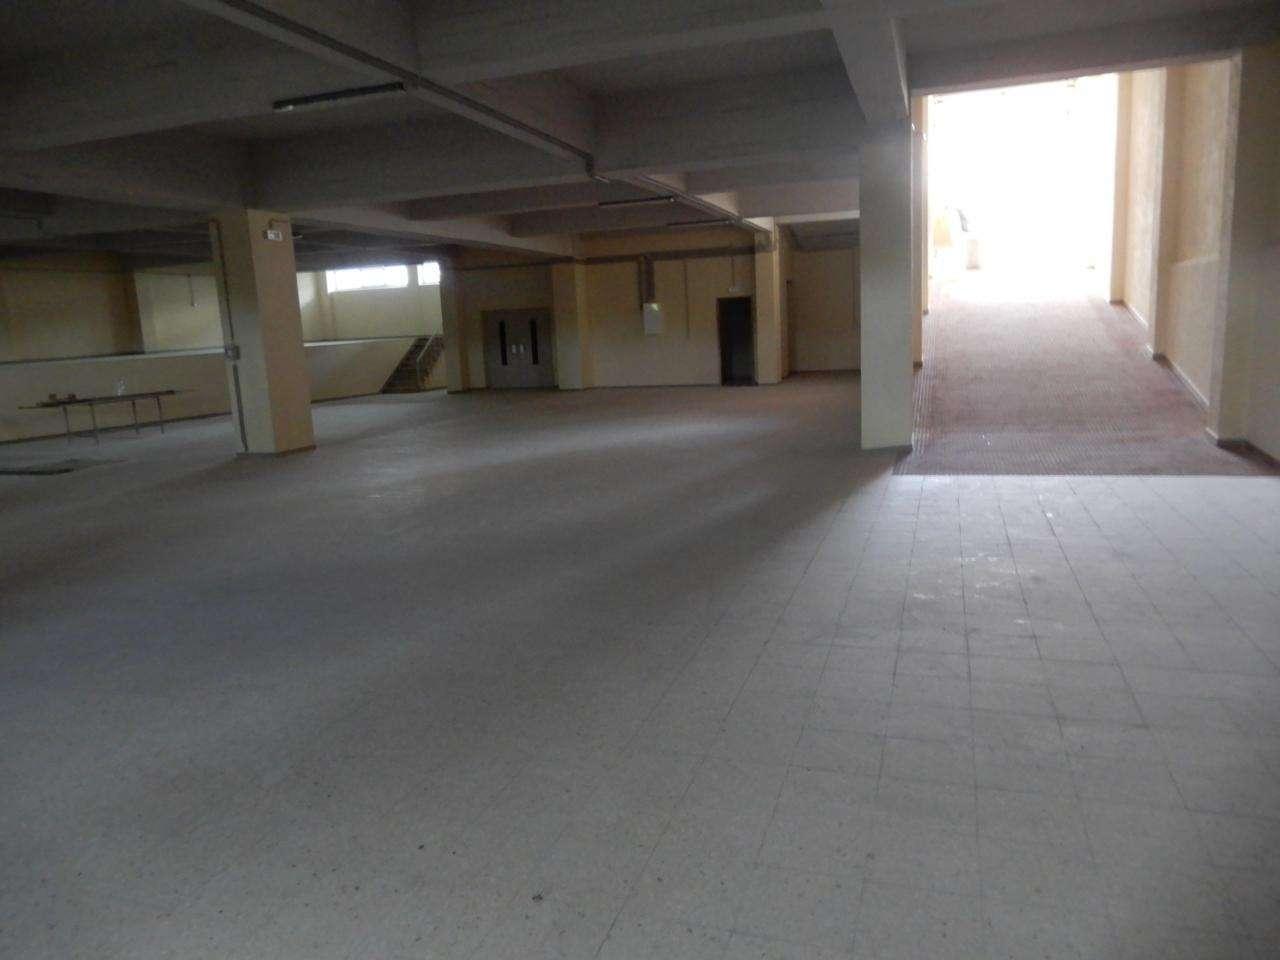 Armazém para arrendar, Santa Iria de Azoia, São João da Talha e Bobadela, Lisboa - Foto 1